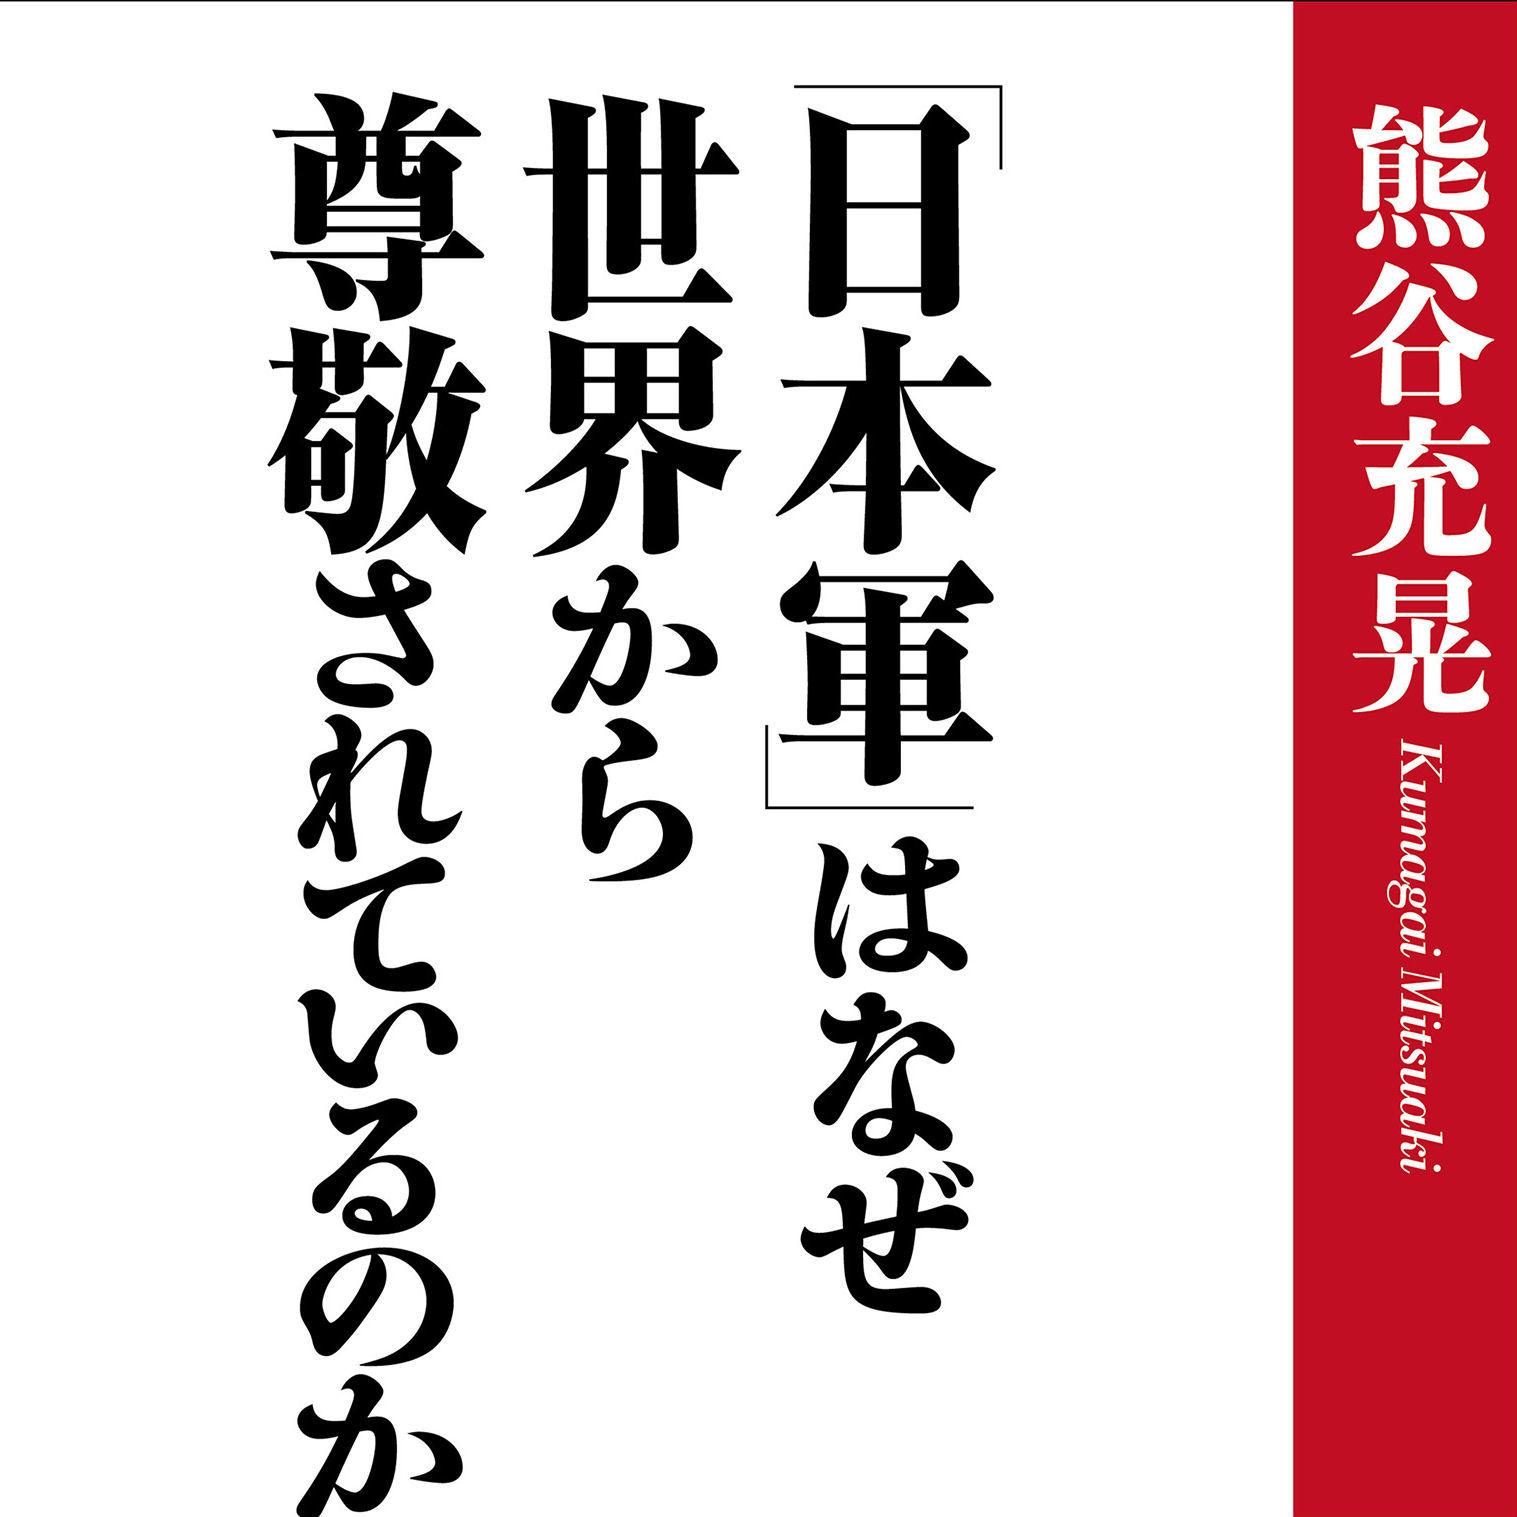 日本の潜水艦建造技術はすごい。28年前の今日、「しんかい6500」が世界記録を達成